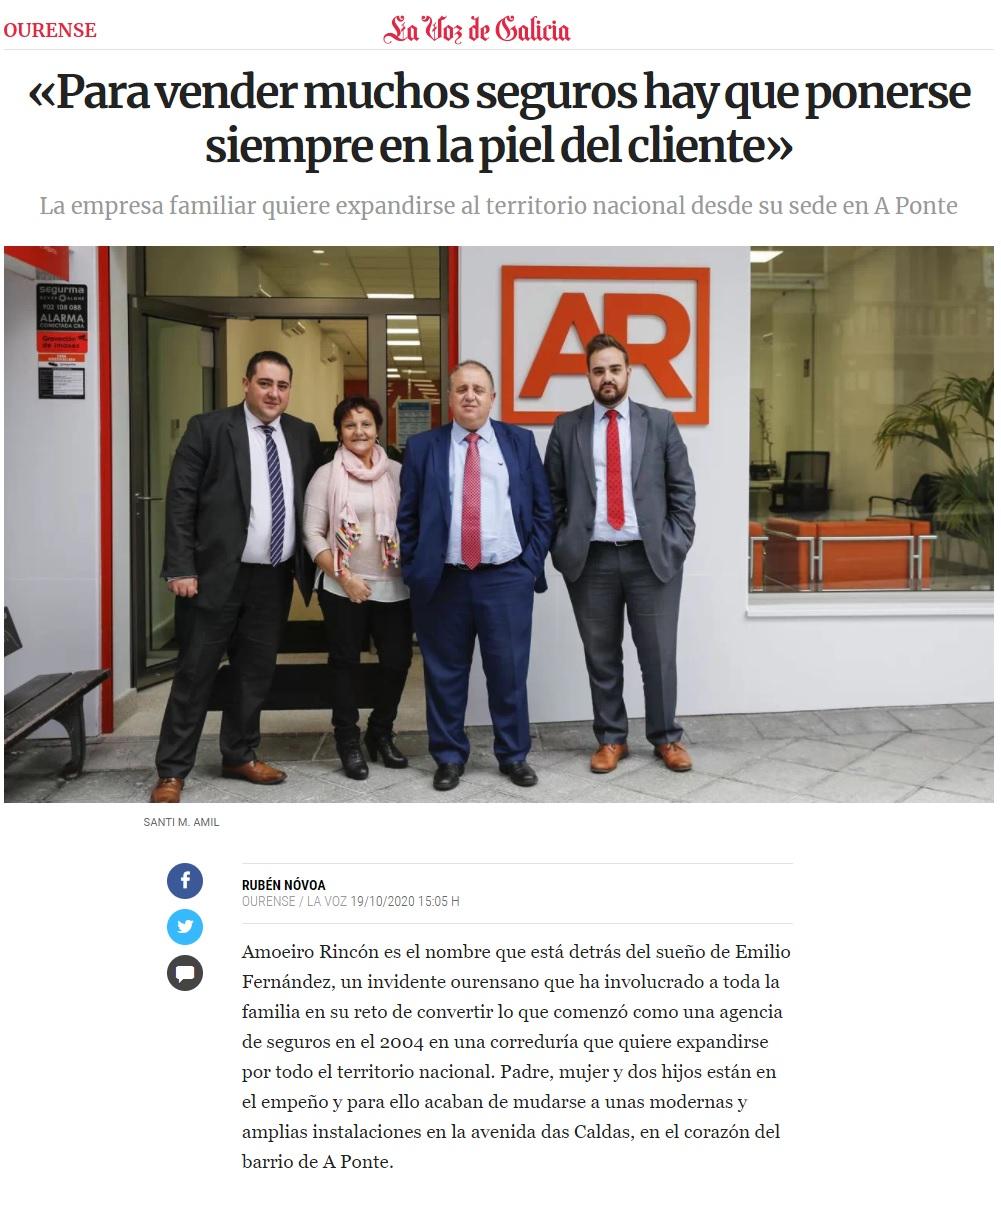 Amoeiro Rincón en La Voz de Galicia 19.10.2020